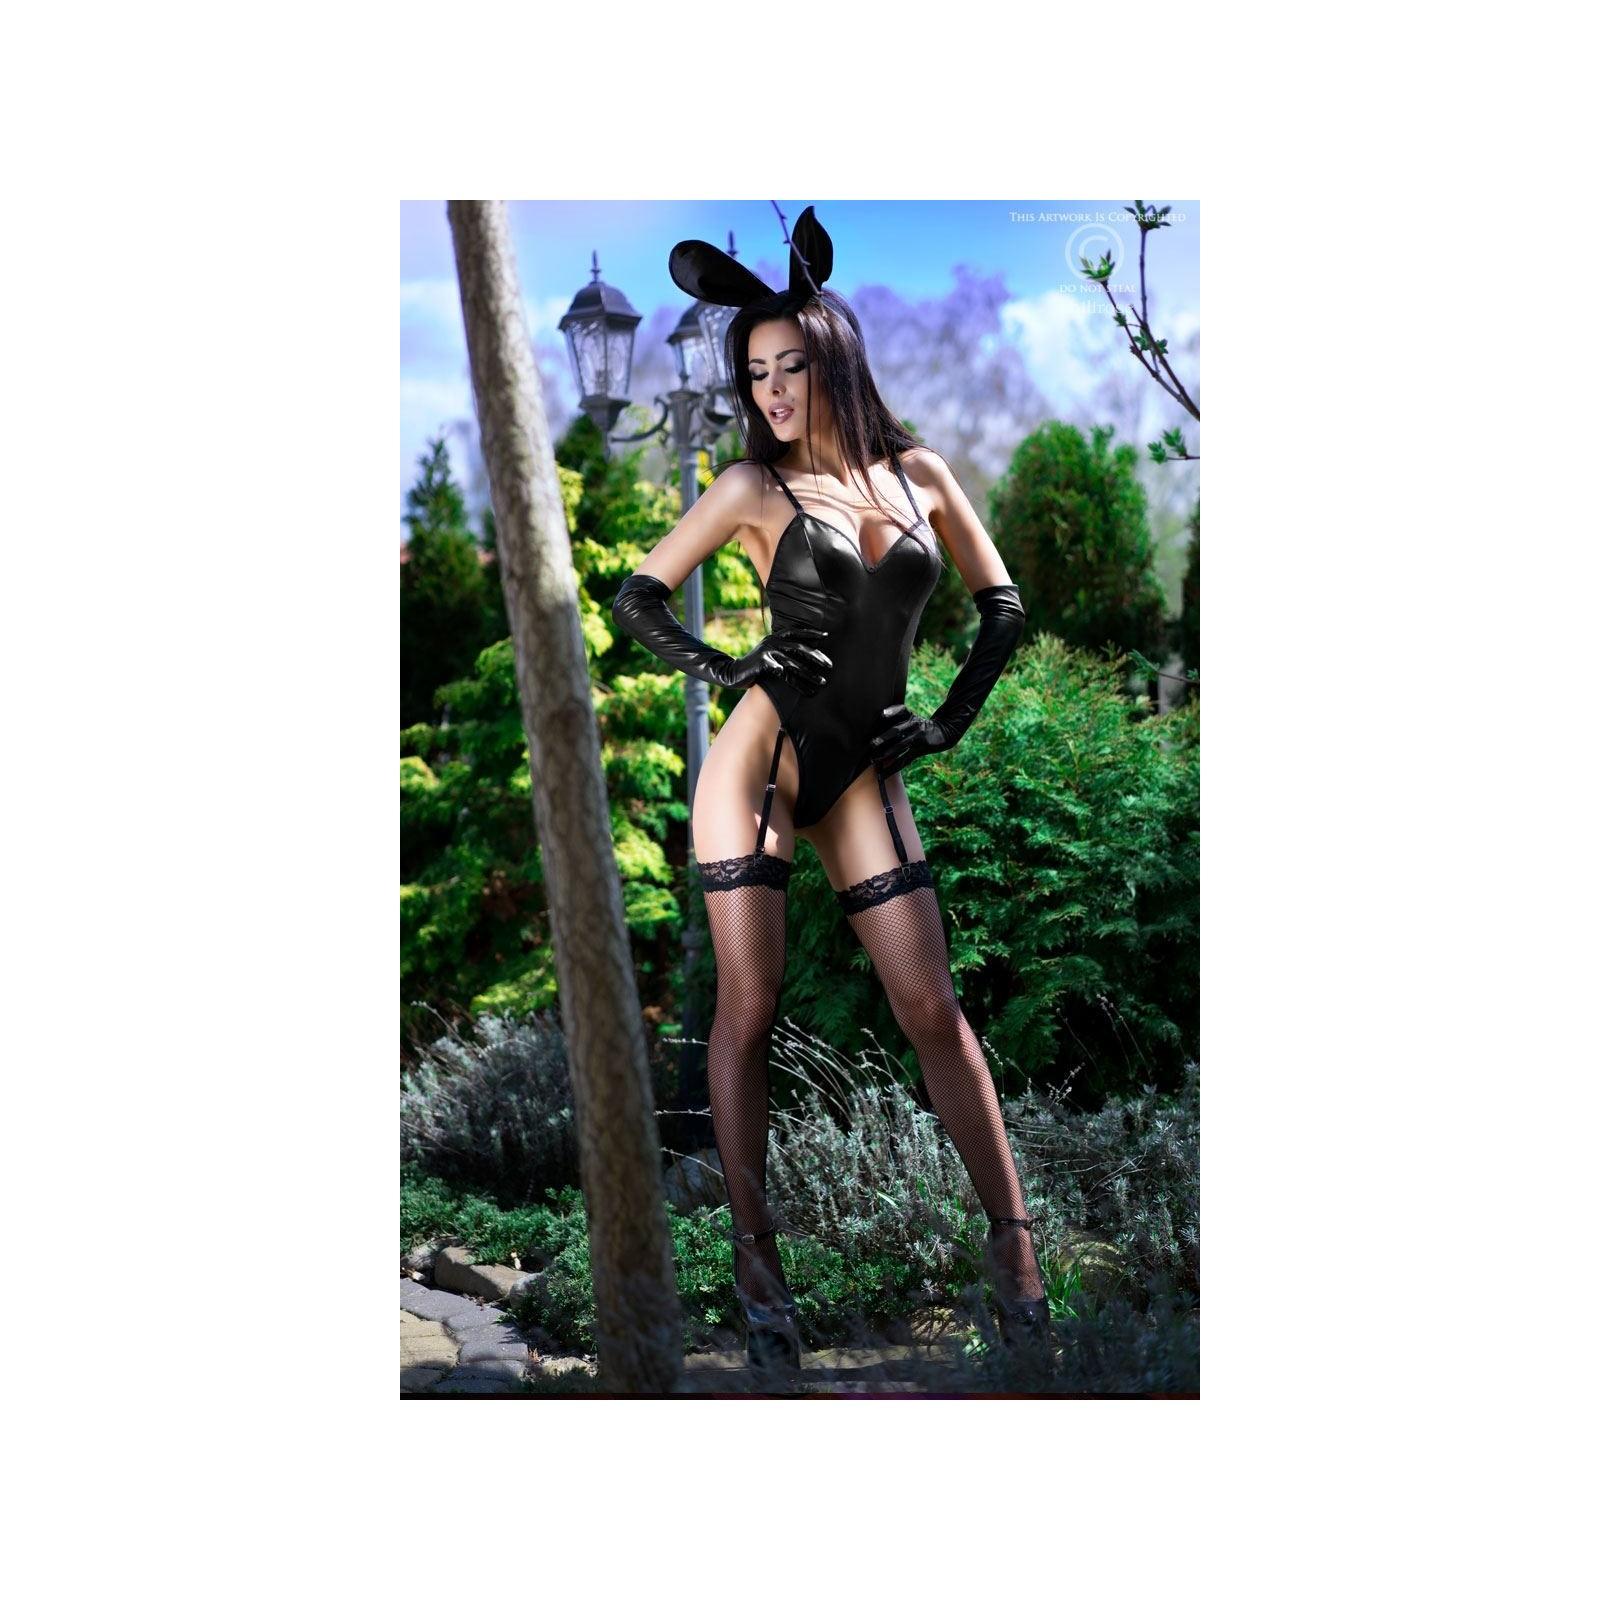 Bunny-Kostüm CR4124 schwarz - 5 - Vorschaubild